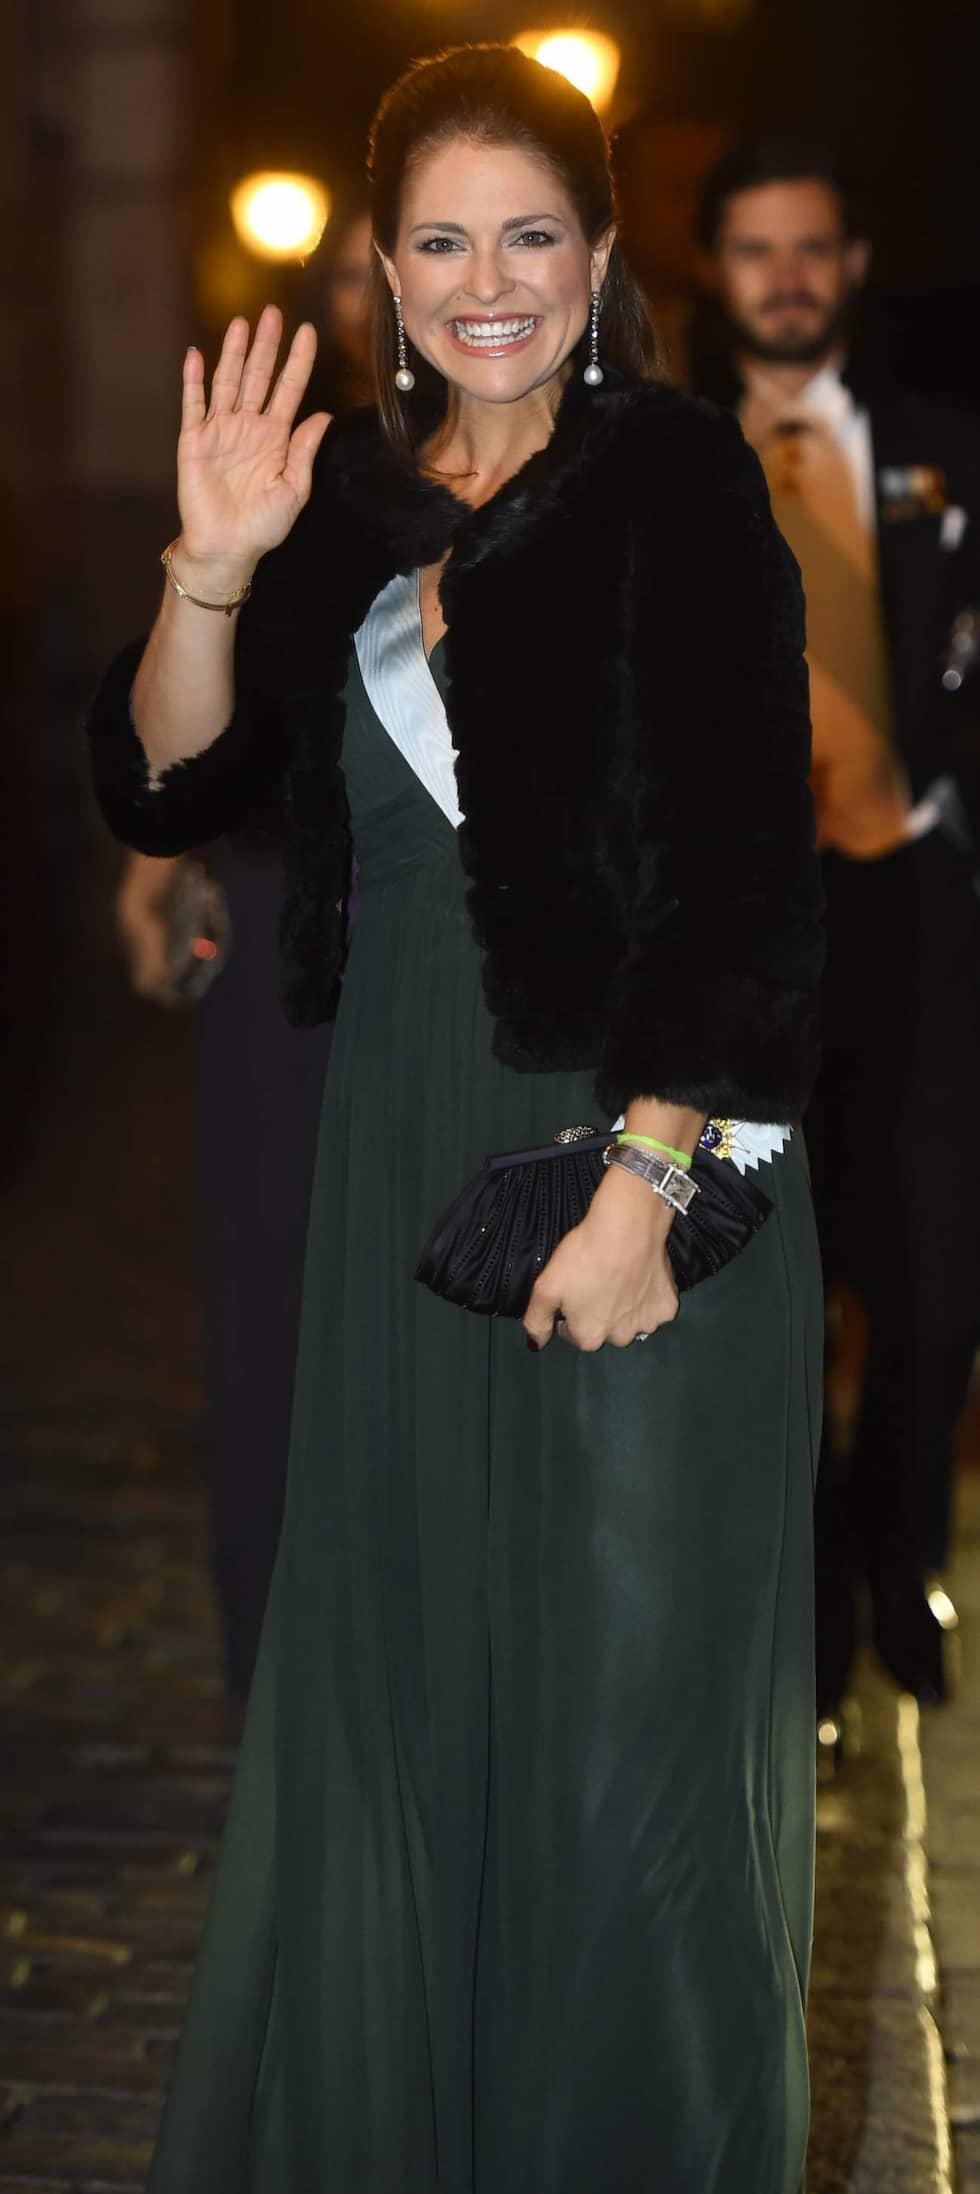 En strålande glad prinsessan Madeleine anlände till Börshuset i Stockholm under lördagskvällen. Den gravida prinsessan bar en mörkgrön långklänning och en kort värmande jacka över axlarna. Foto: Suvad Mrkonjic